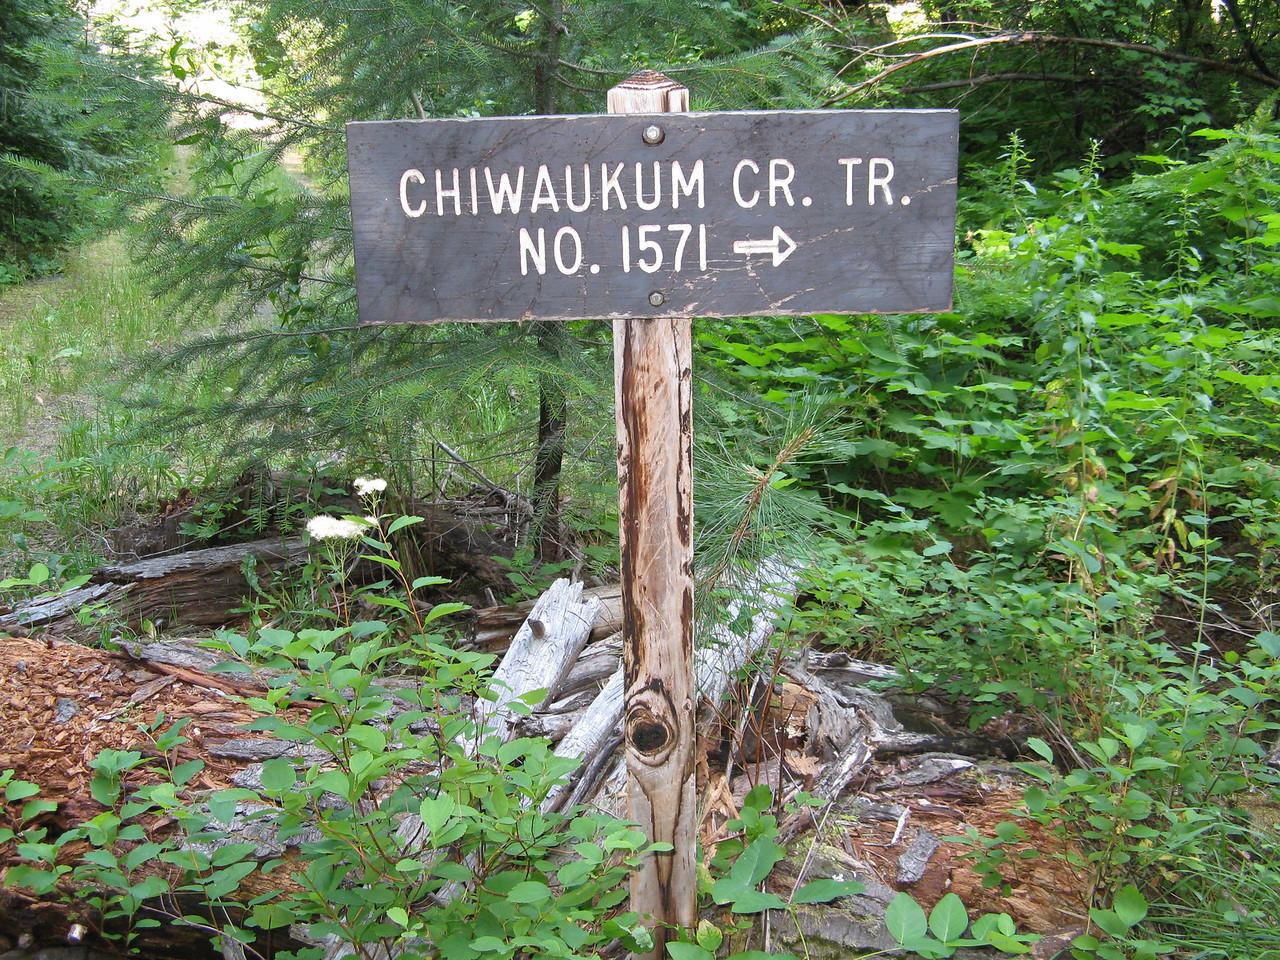 11-08-08 Chiwaukum 011